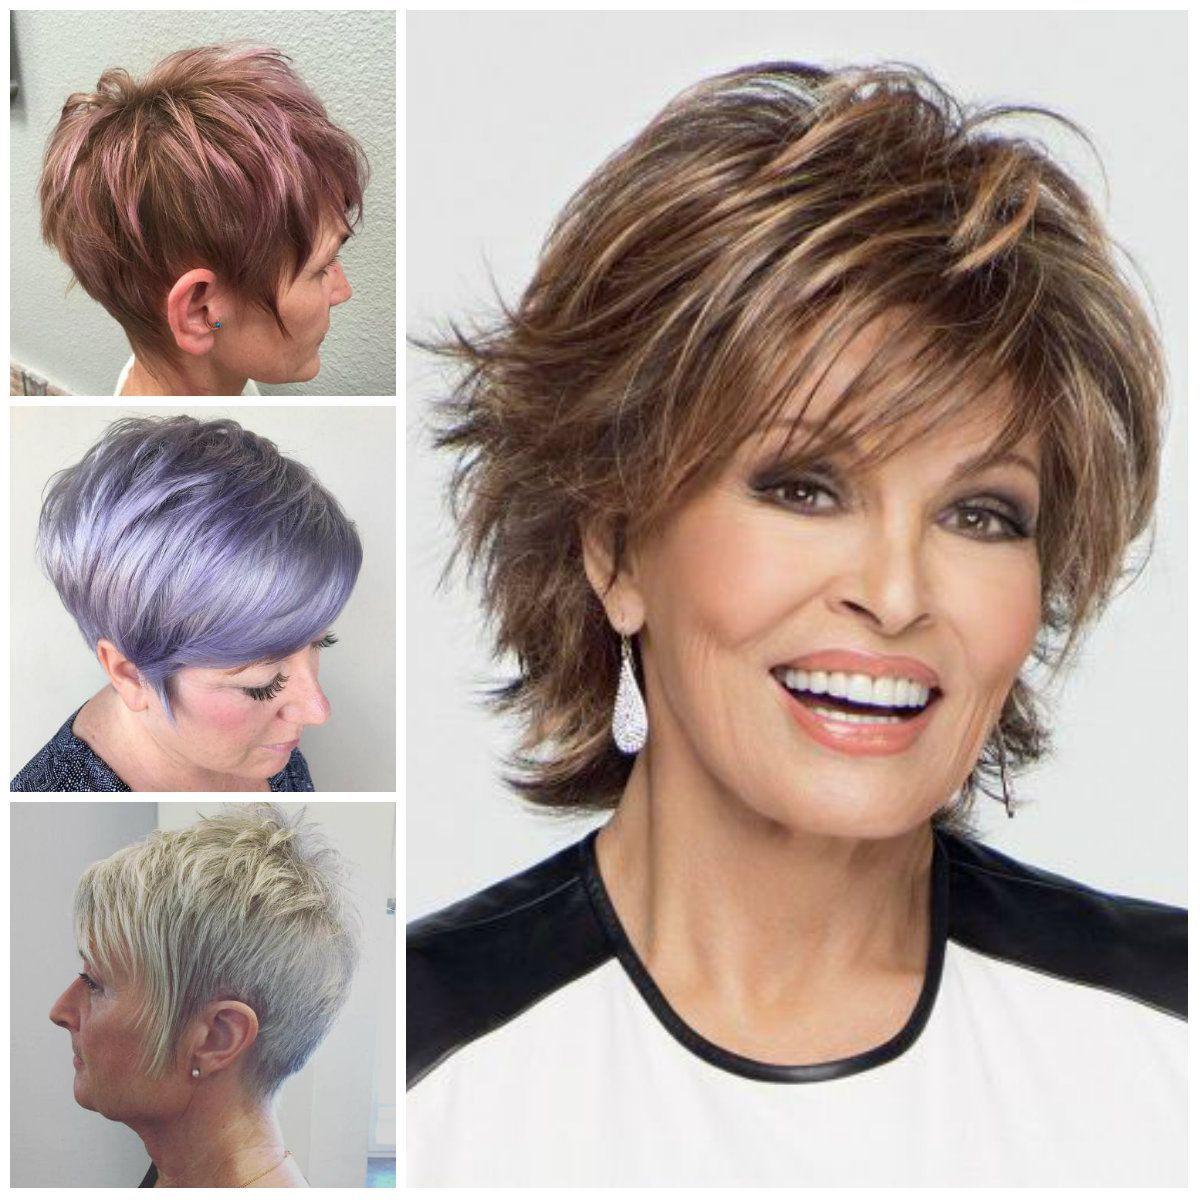 Frisuren fur altere dicke frauen